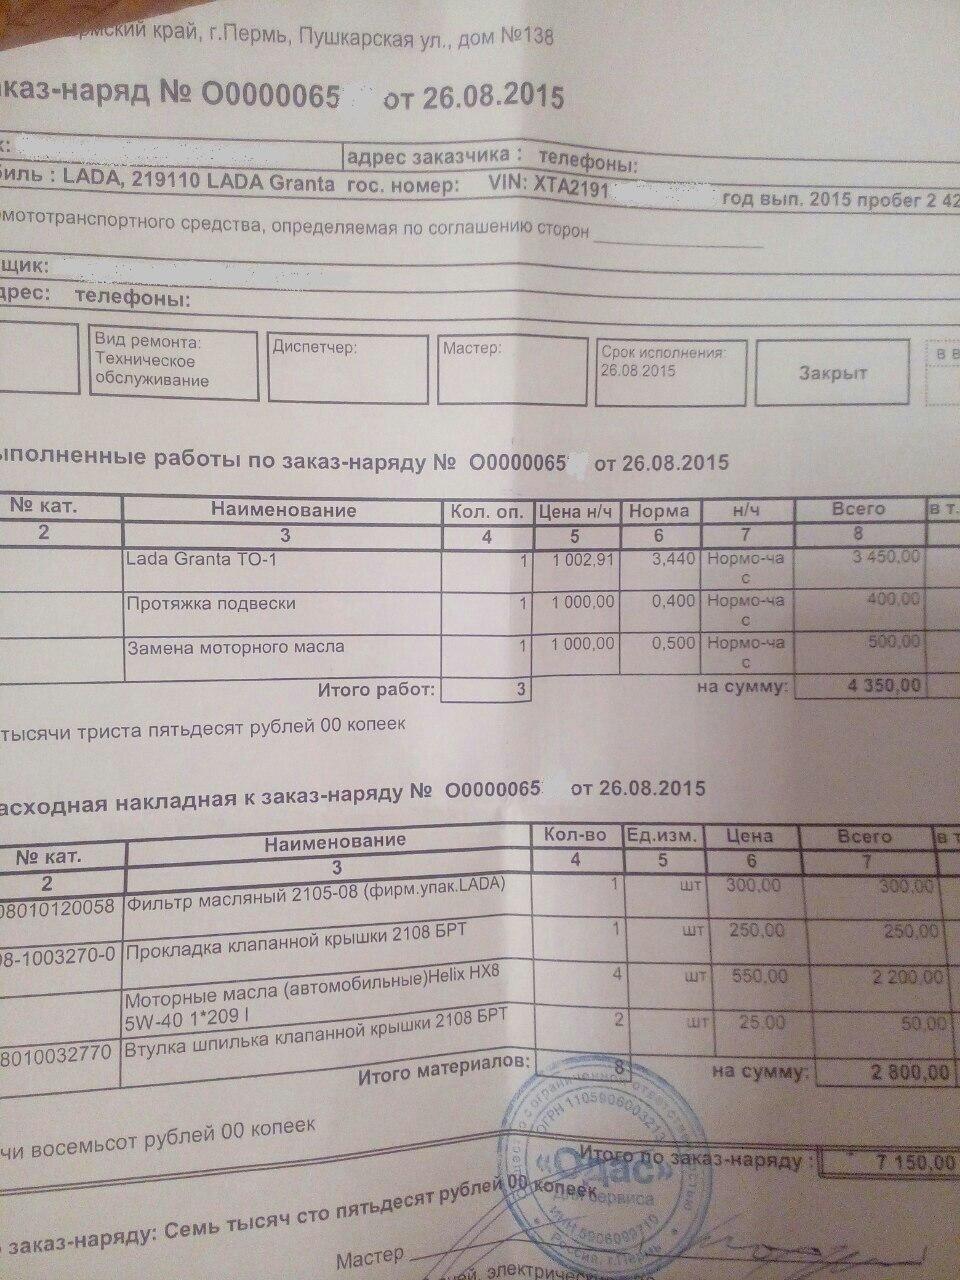 2015 стоимость прайс часа н нормо человека школе в стоимость часа